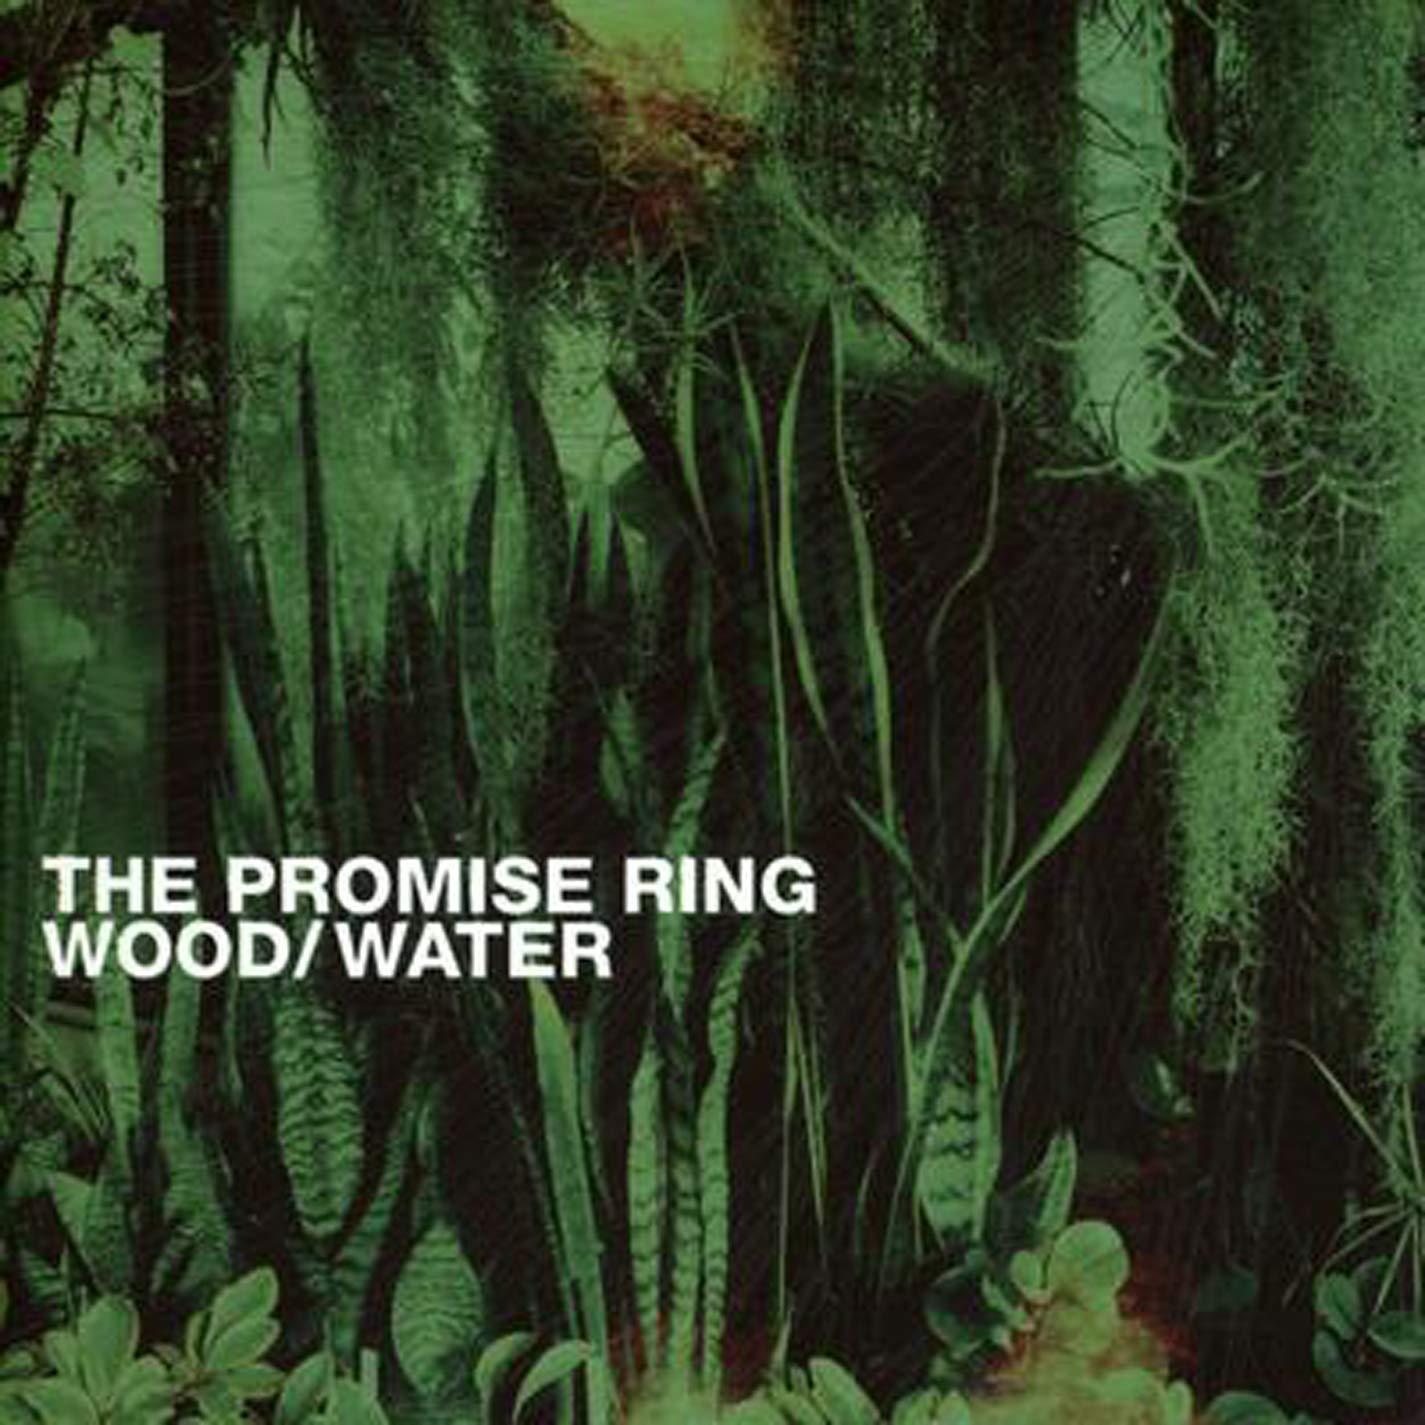 Vinilo : The Promise Ring - Wood/ Water (LP Vinyl)